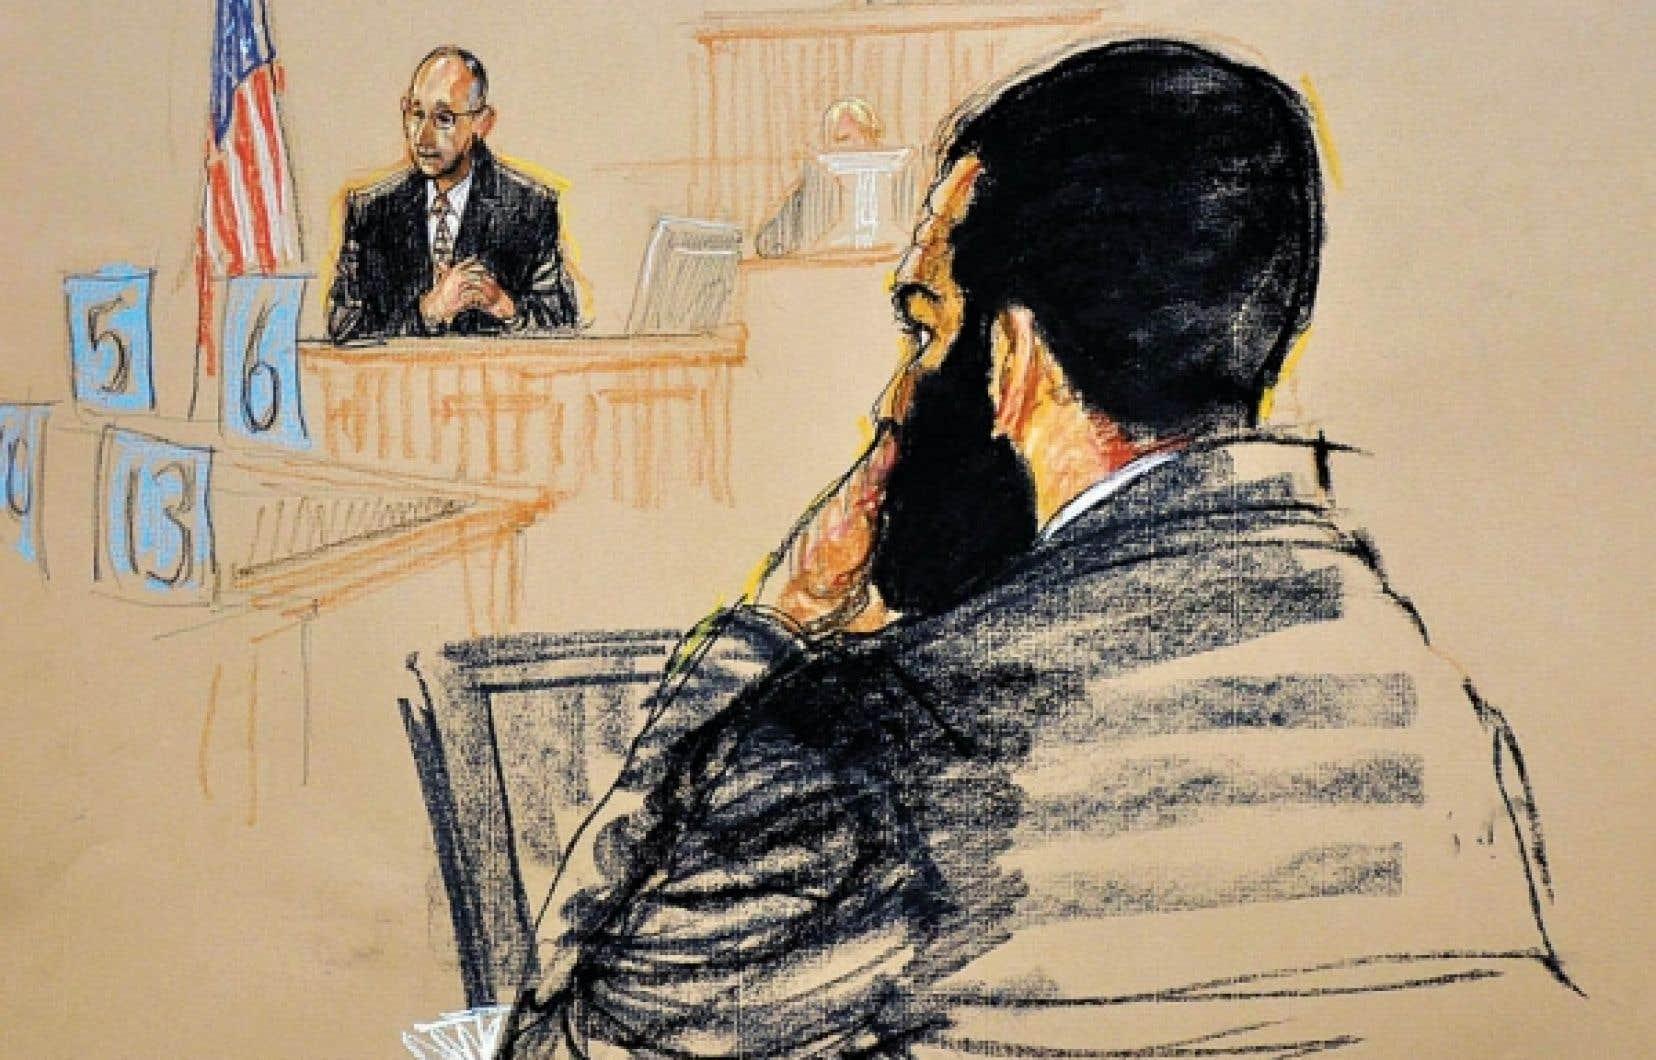 Un croquis de l'audience tenue hier à Guantánamo servant à déterminer la peine d'Omar Khadr, nouvellement condamné criminel de guerre.<br />